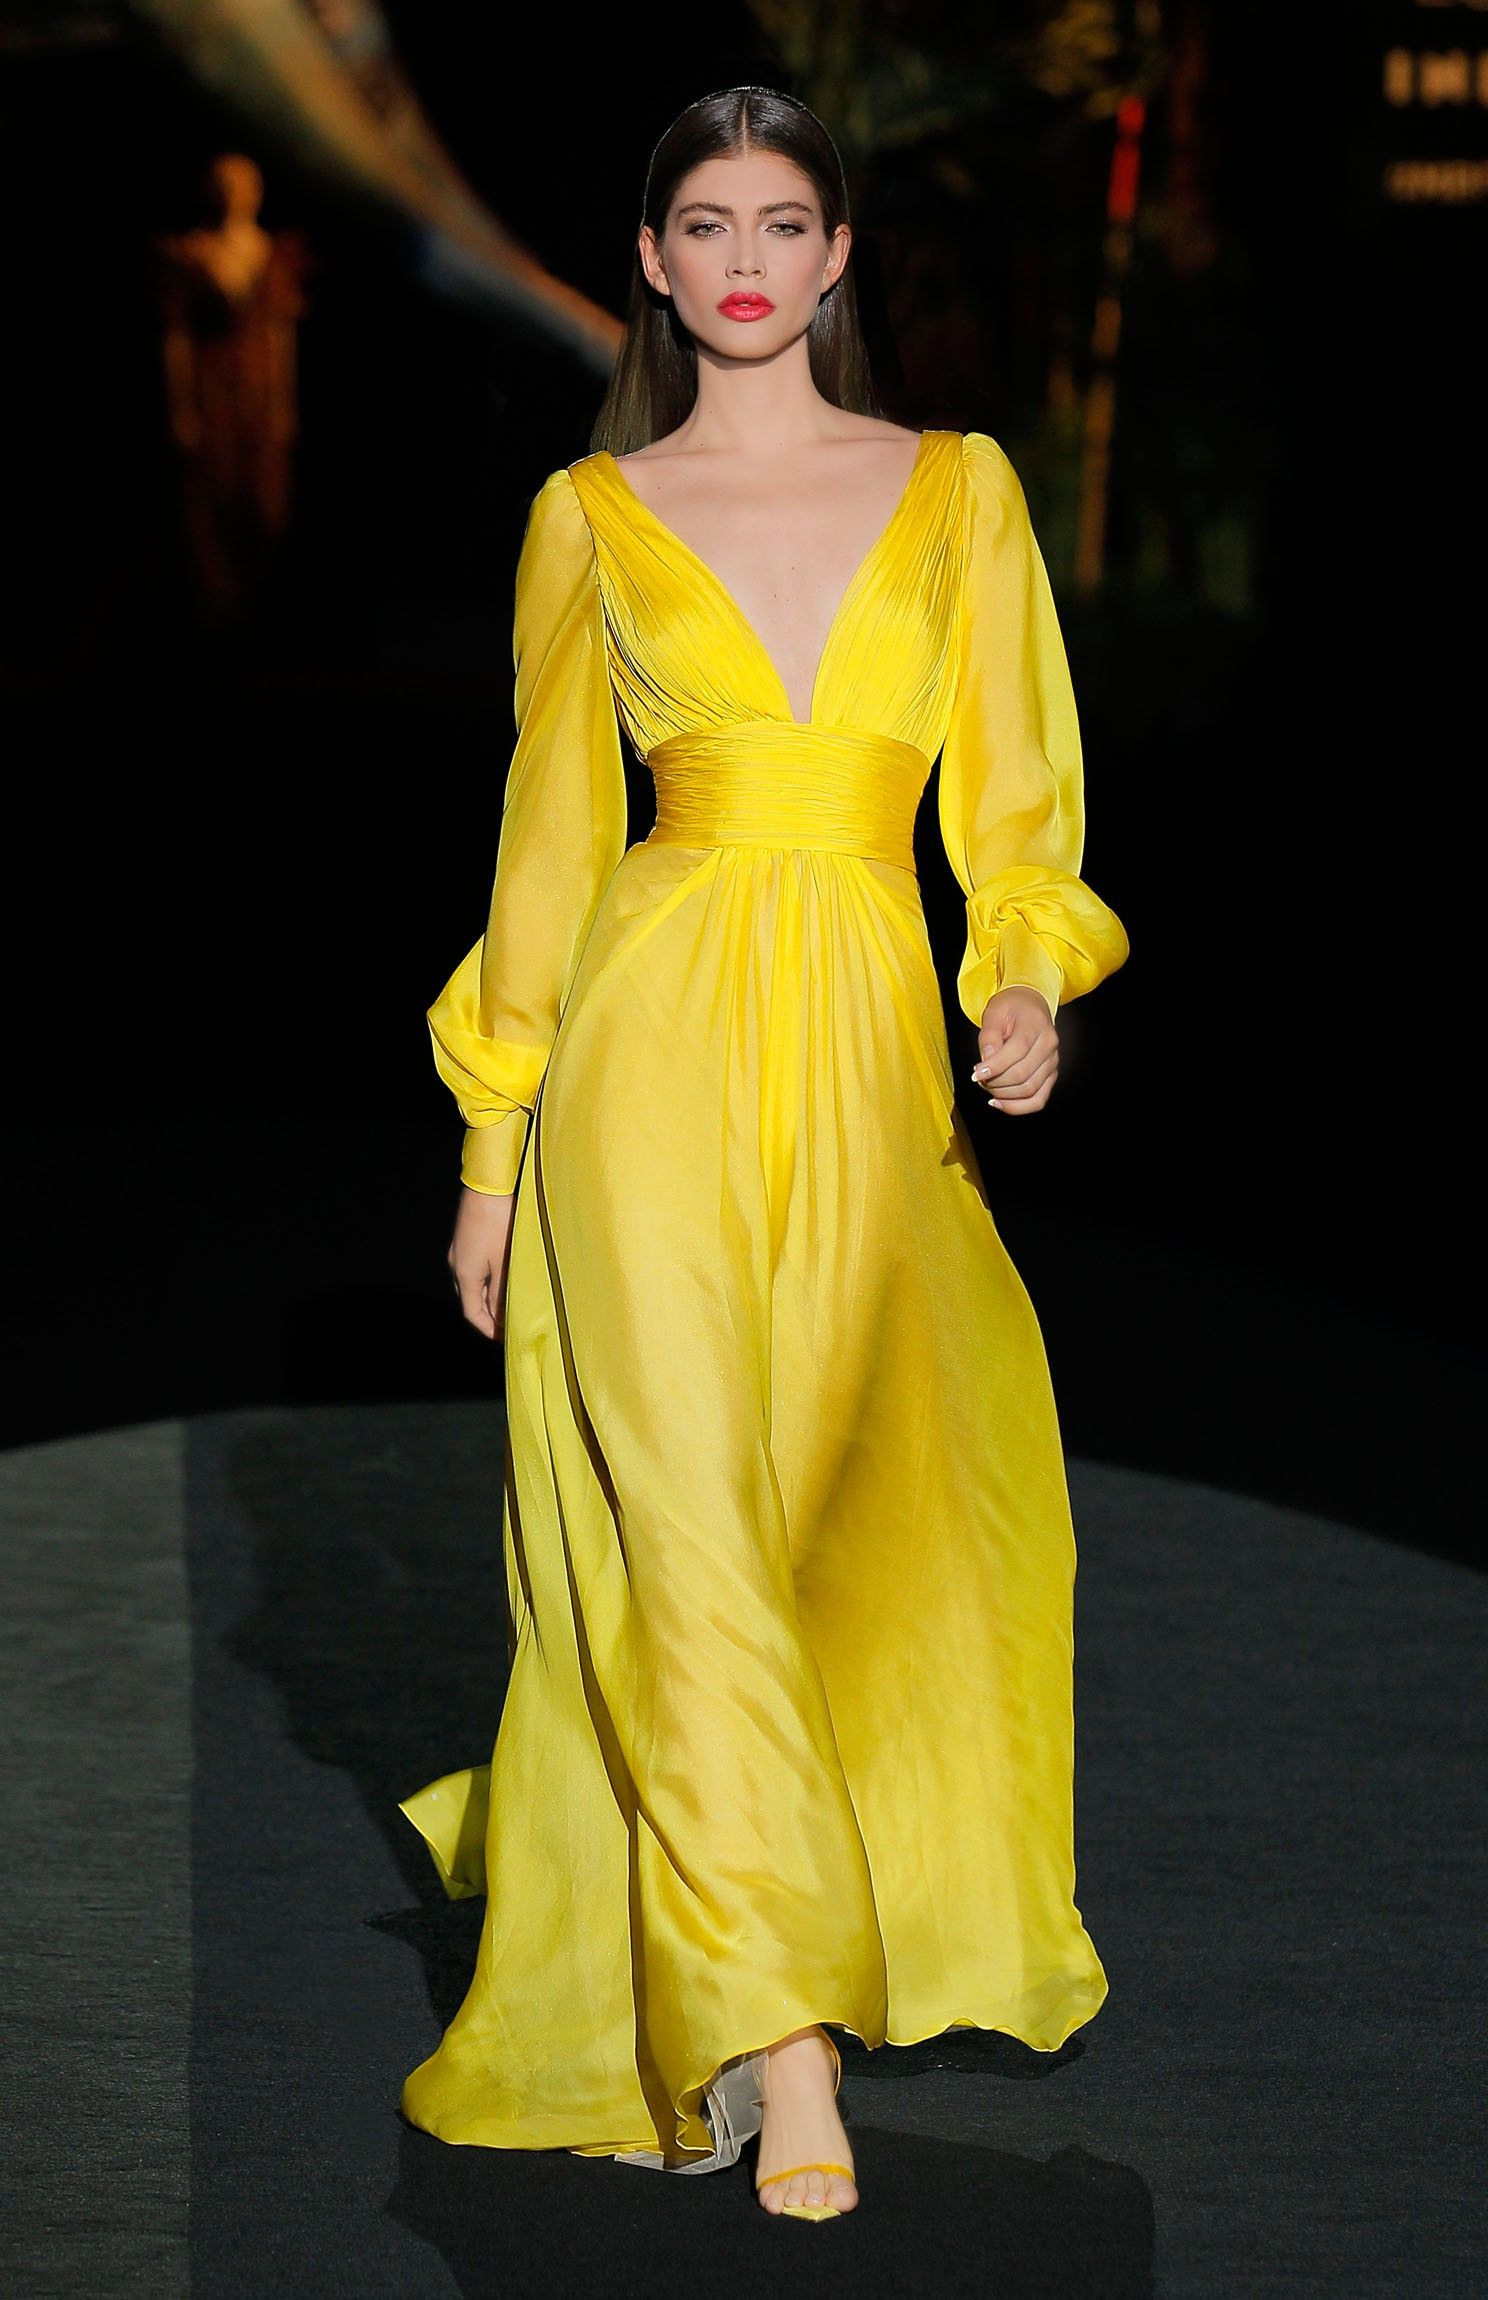 17 Elegant Nachhaltige Mode Abendkleid Stylish13 Wunderbar Nachhaltige Mode Abendkleid Stylish